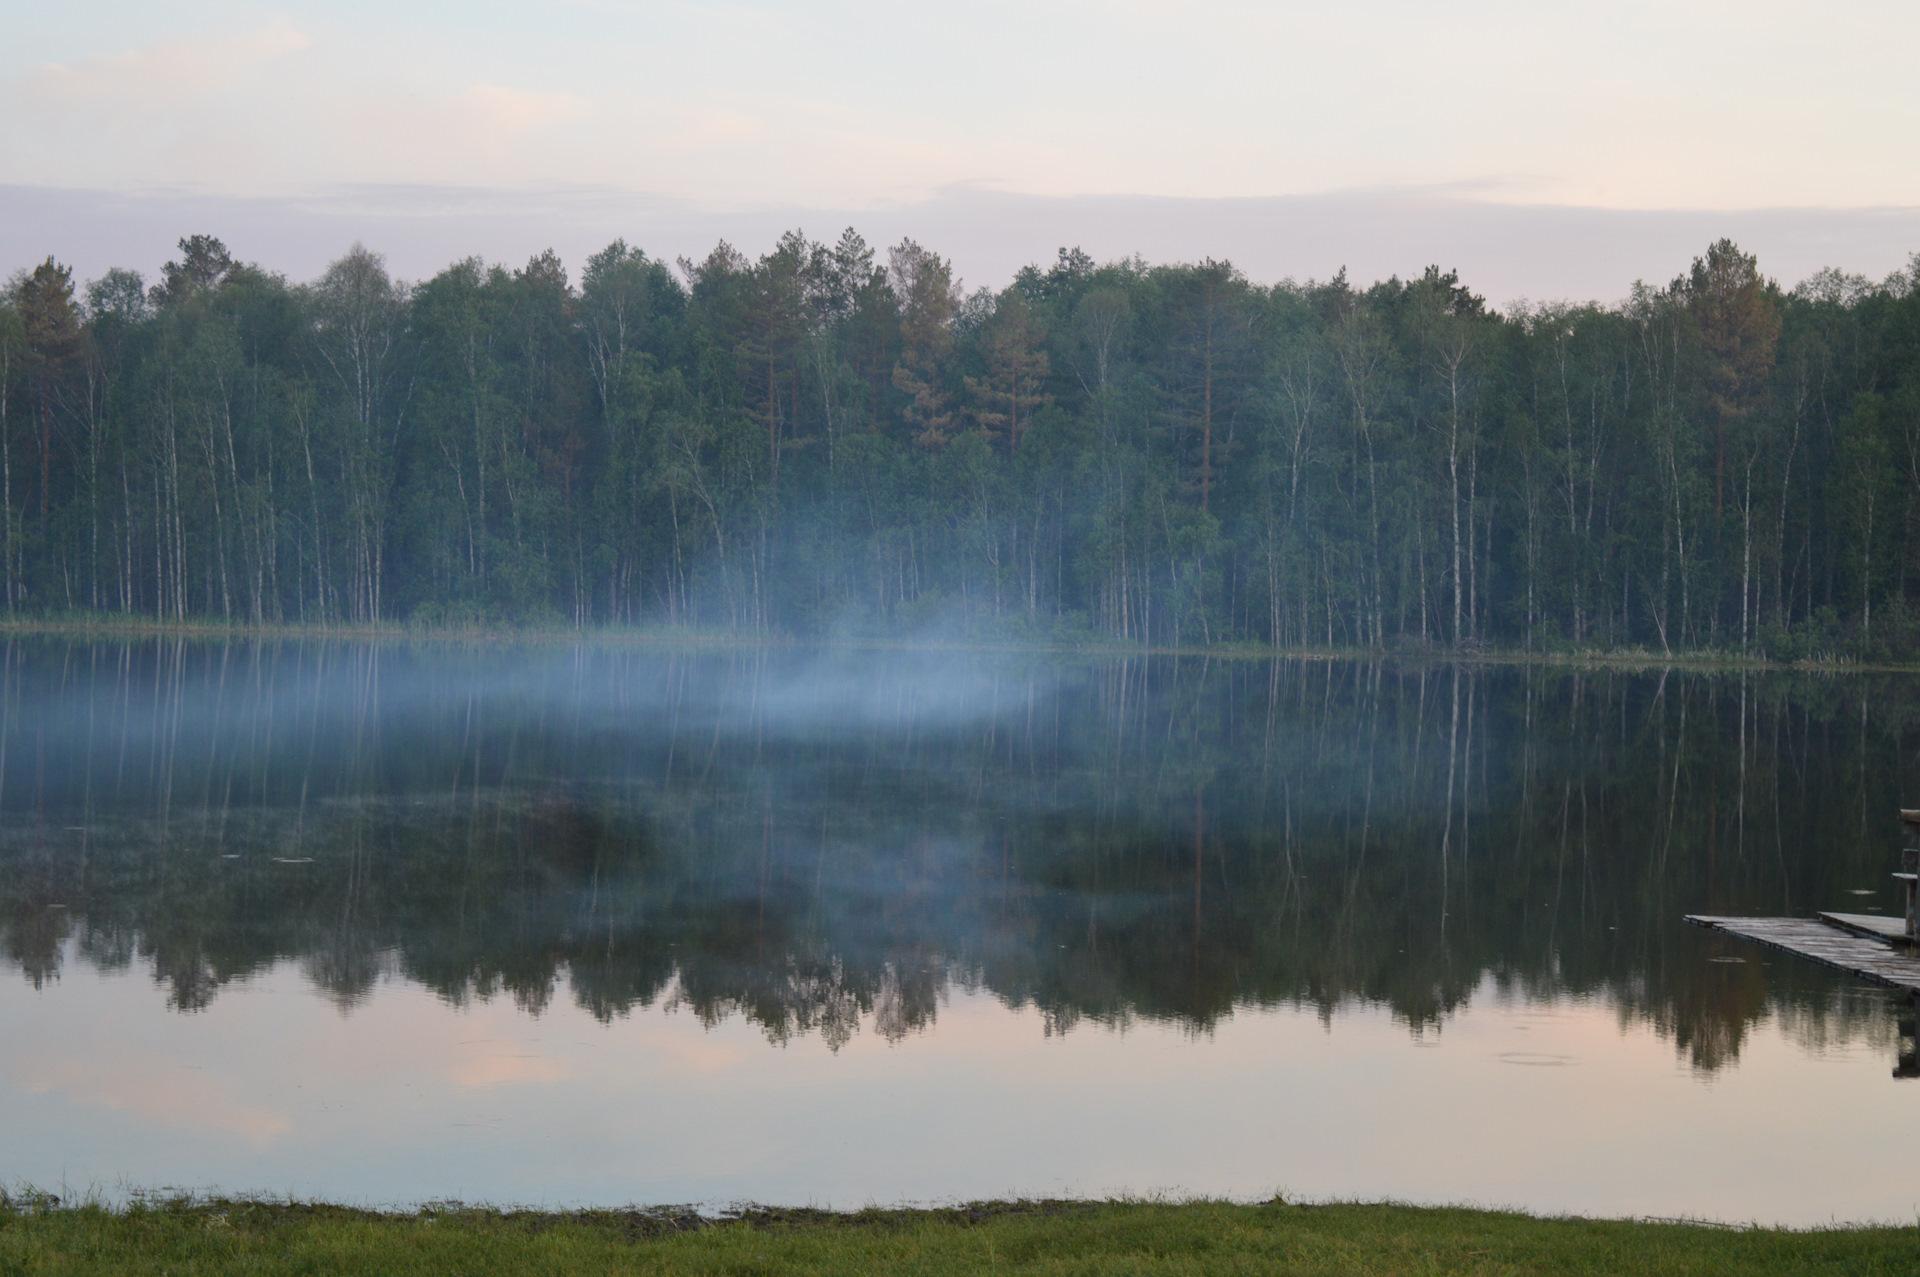 хэштег окунево омская область пять озер фото может зарабатывать